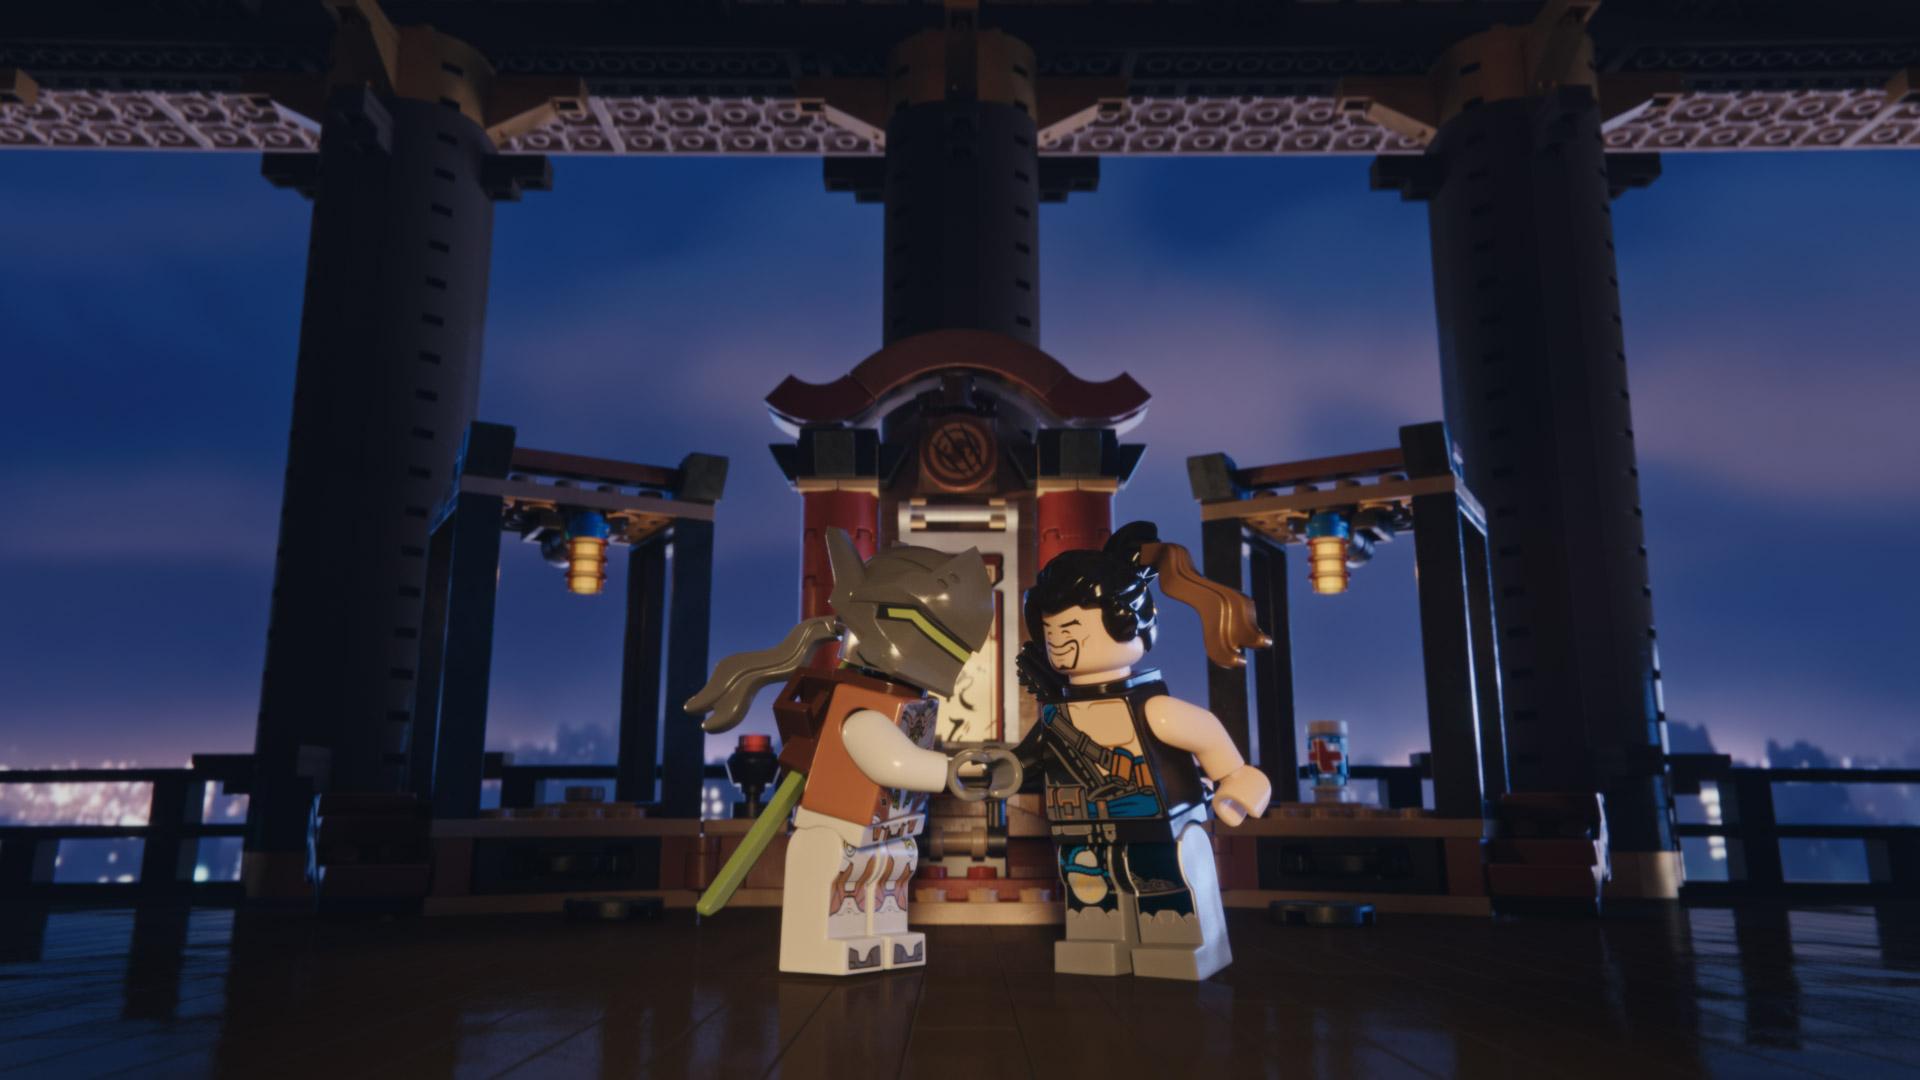 LEGO_OW_93637